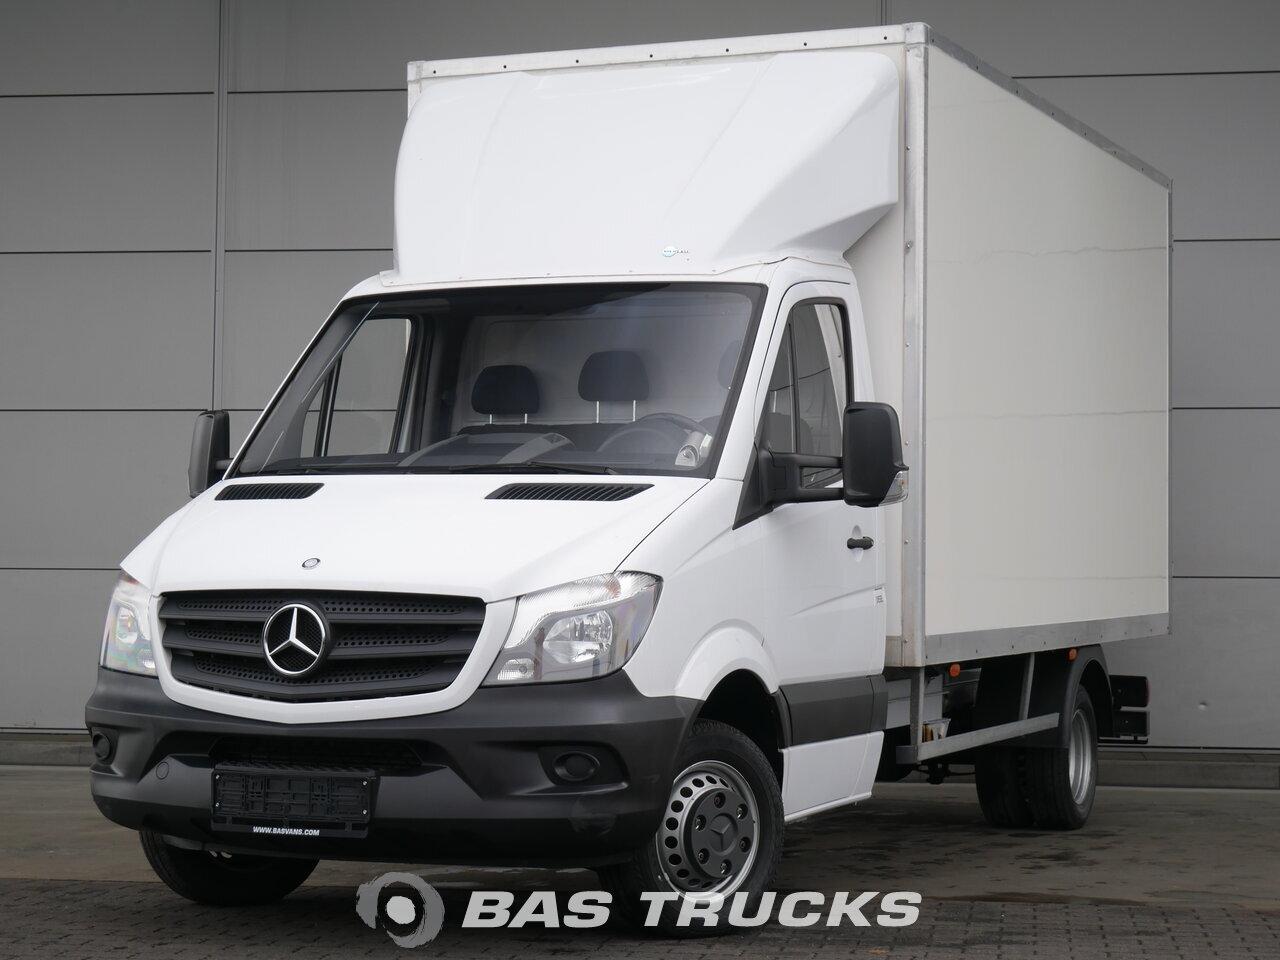 mercedes sprinter leichte nutzfahrzeuge 18900 bas trucks. Black Bedroom Furniture Sets. Home Design Ideas